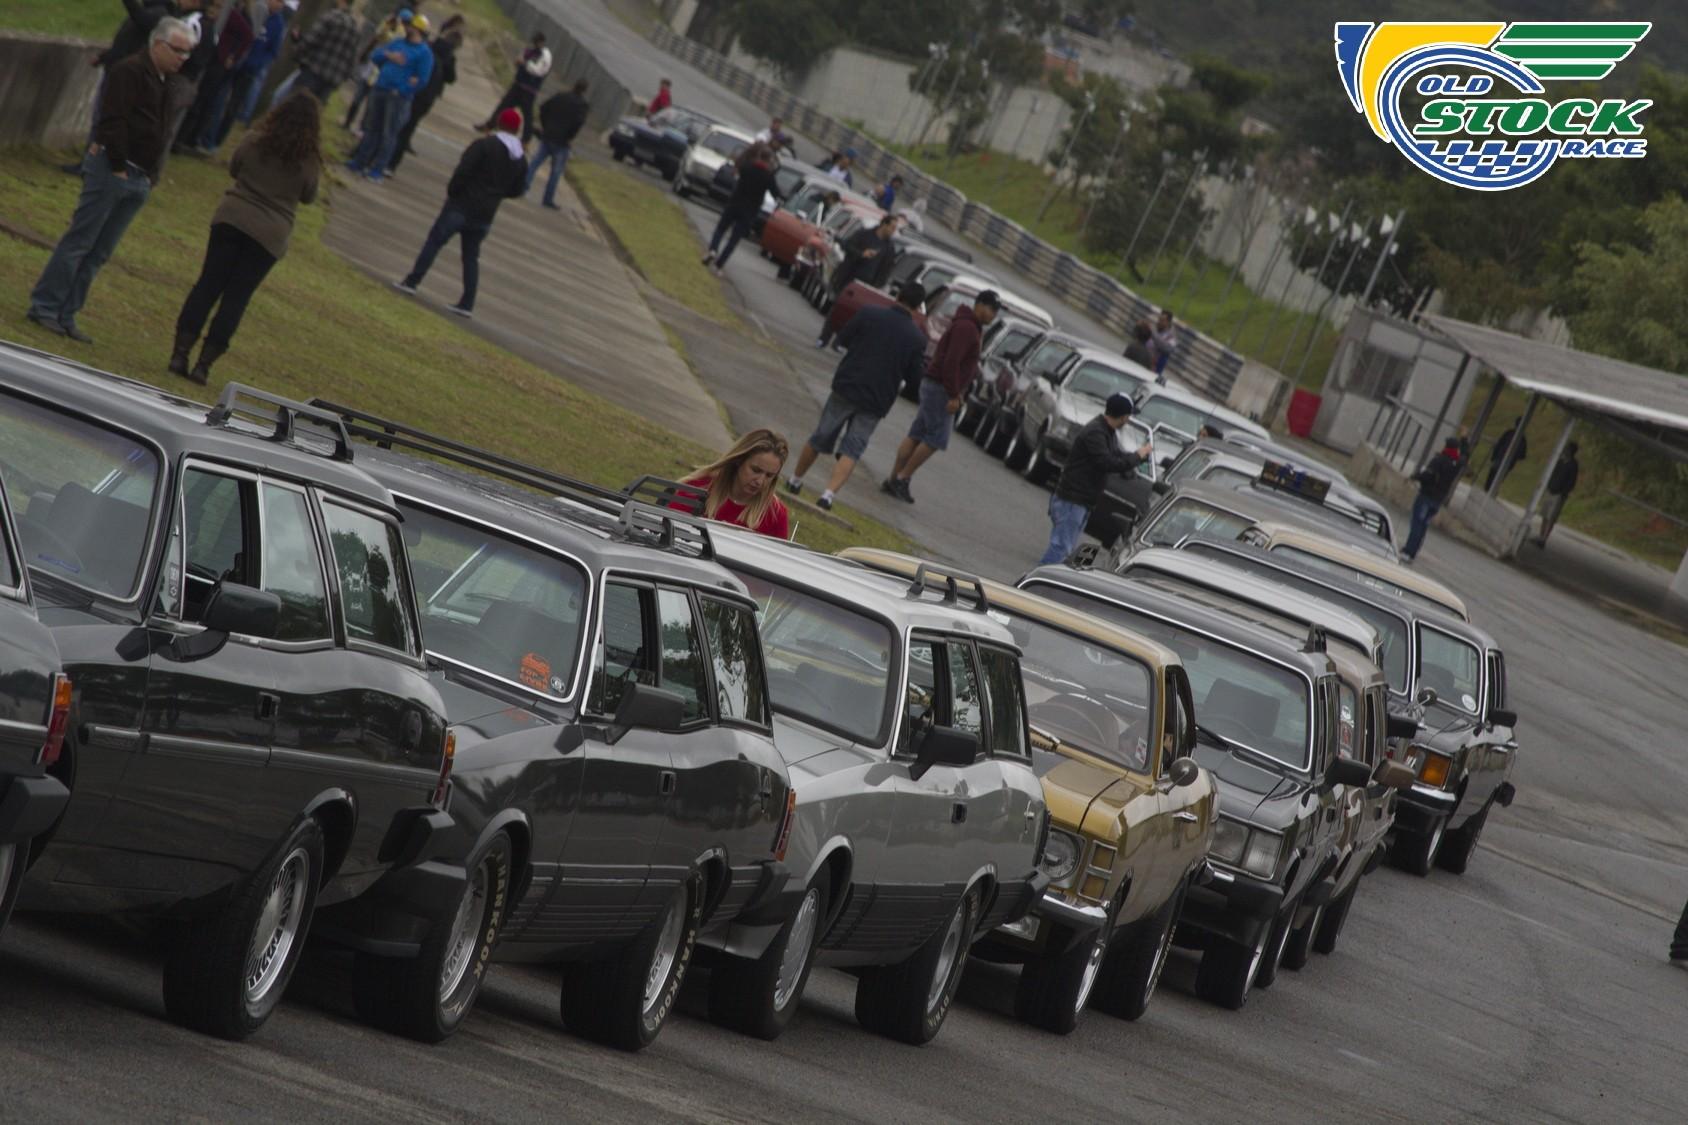 Os Opalas e Caravan enfileirados para o desfile na pista de Interlagos antes das provas de domingo (Foto: Barbara Bonfin/OSR)